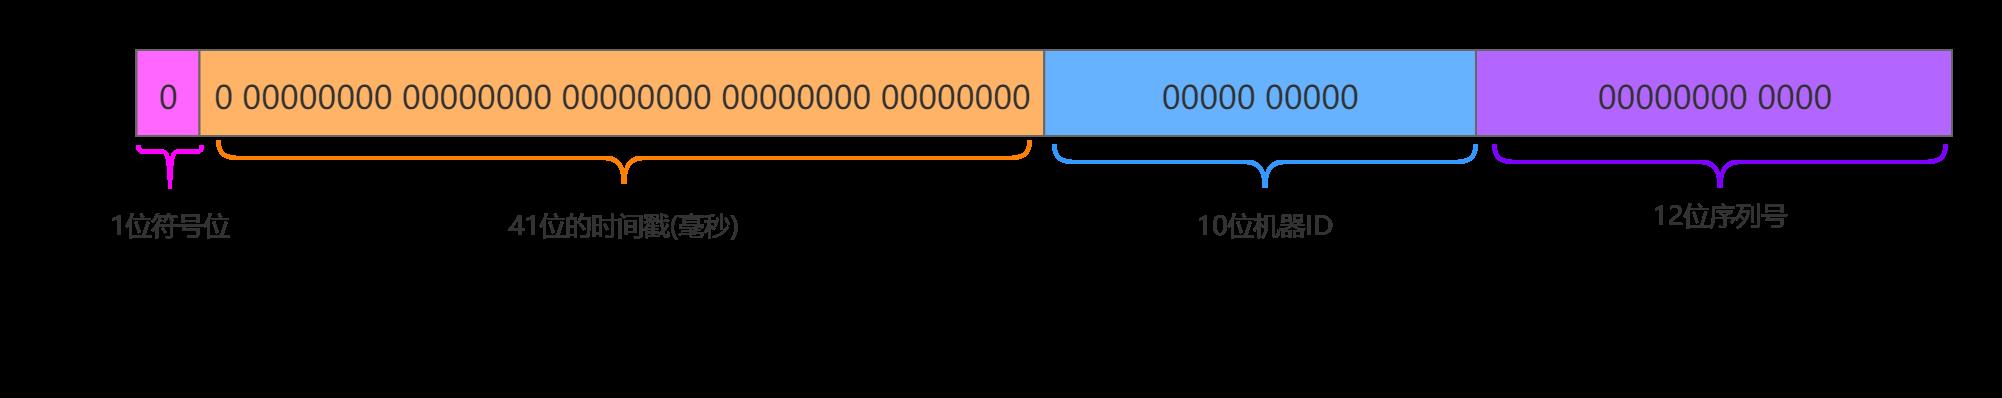 基於雪花演算法生成分散式ID(Java版)